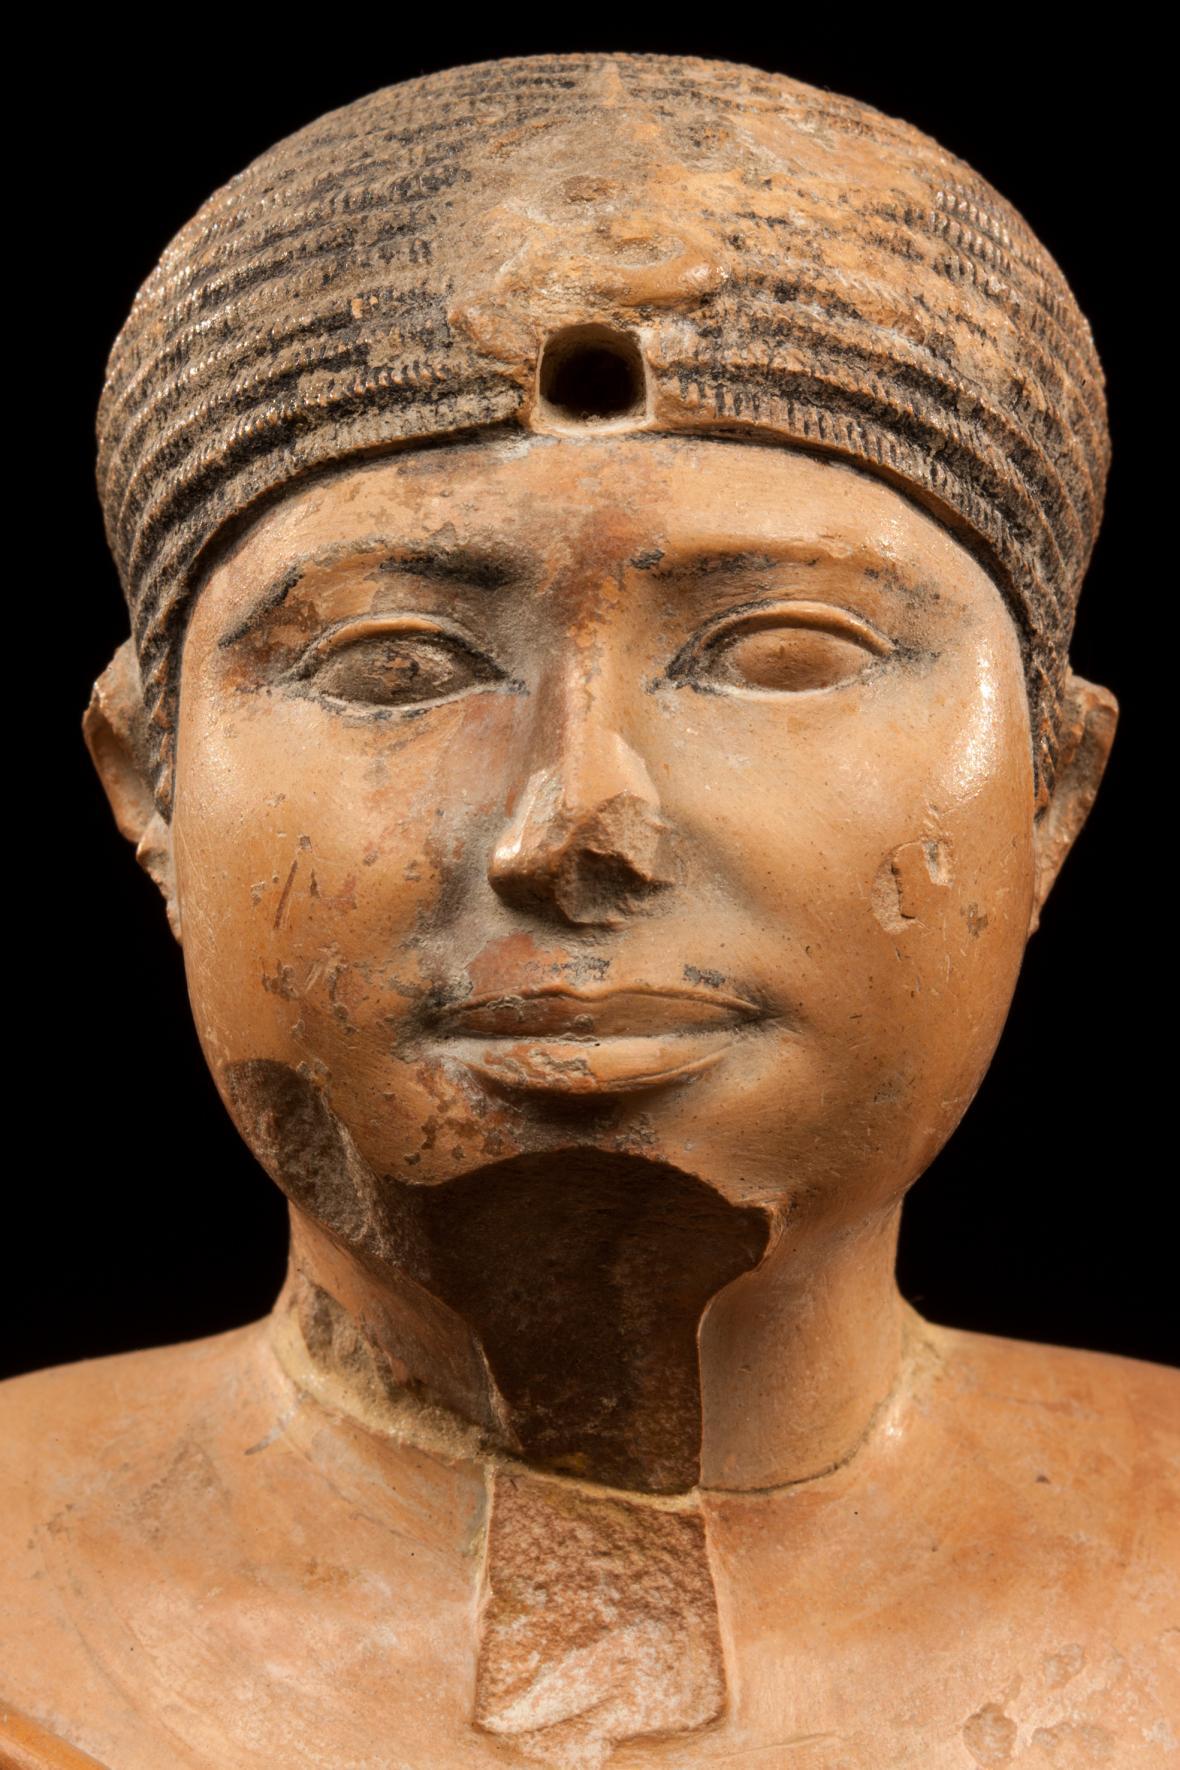 Nejkrásnější z královských soch panovníka Raneferefa objevená v jeho zádušním chrámu